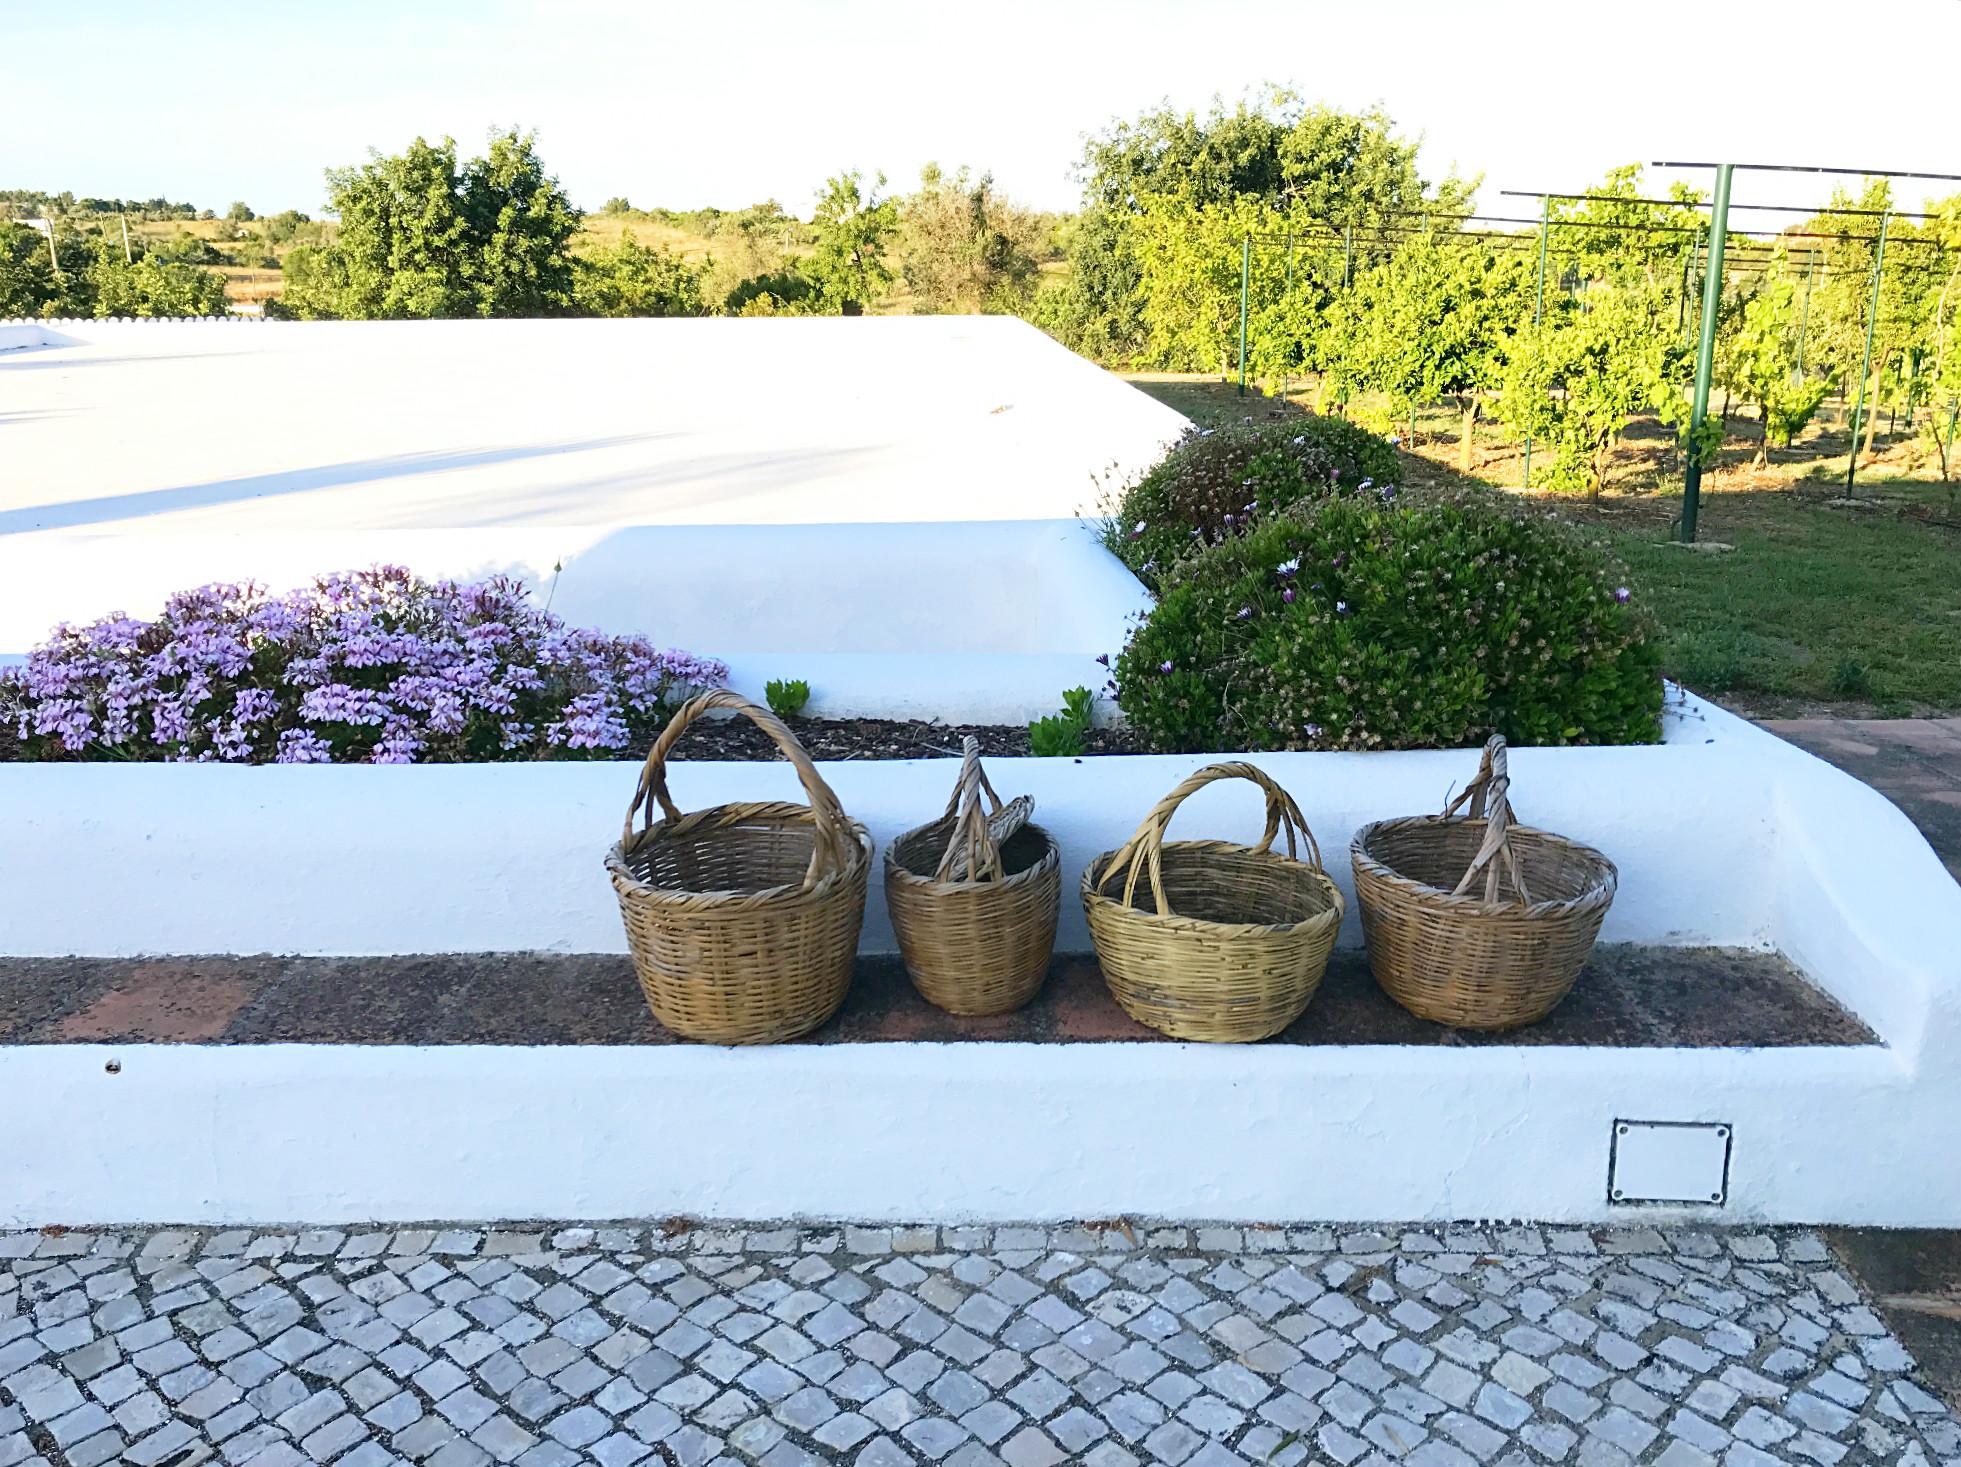 Das Eirado - das Regensammelbecken im Casa do Eirado mit den handgewebten Körben, in den José seine Feigen zum Markt trägt